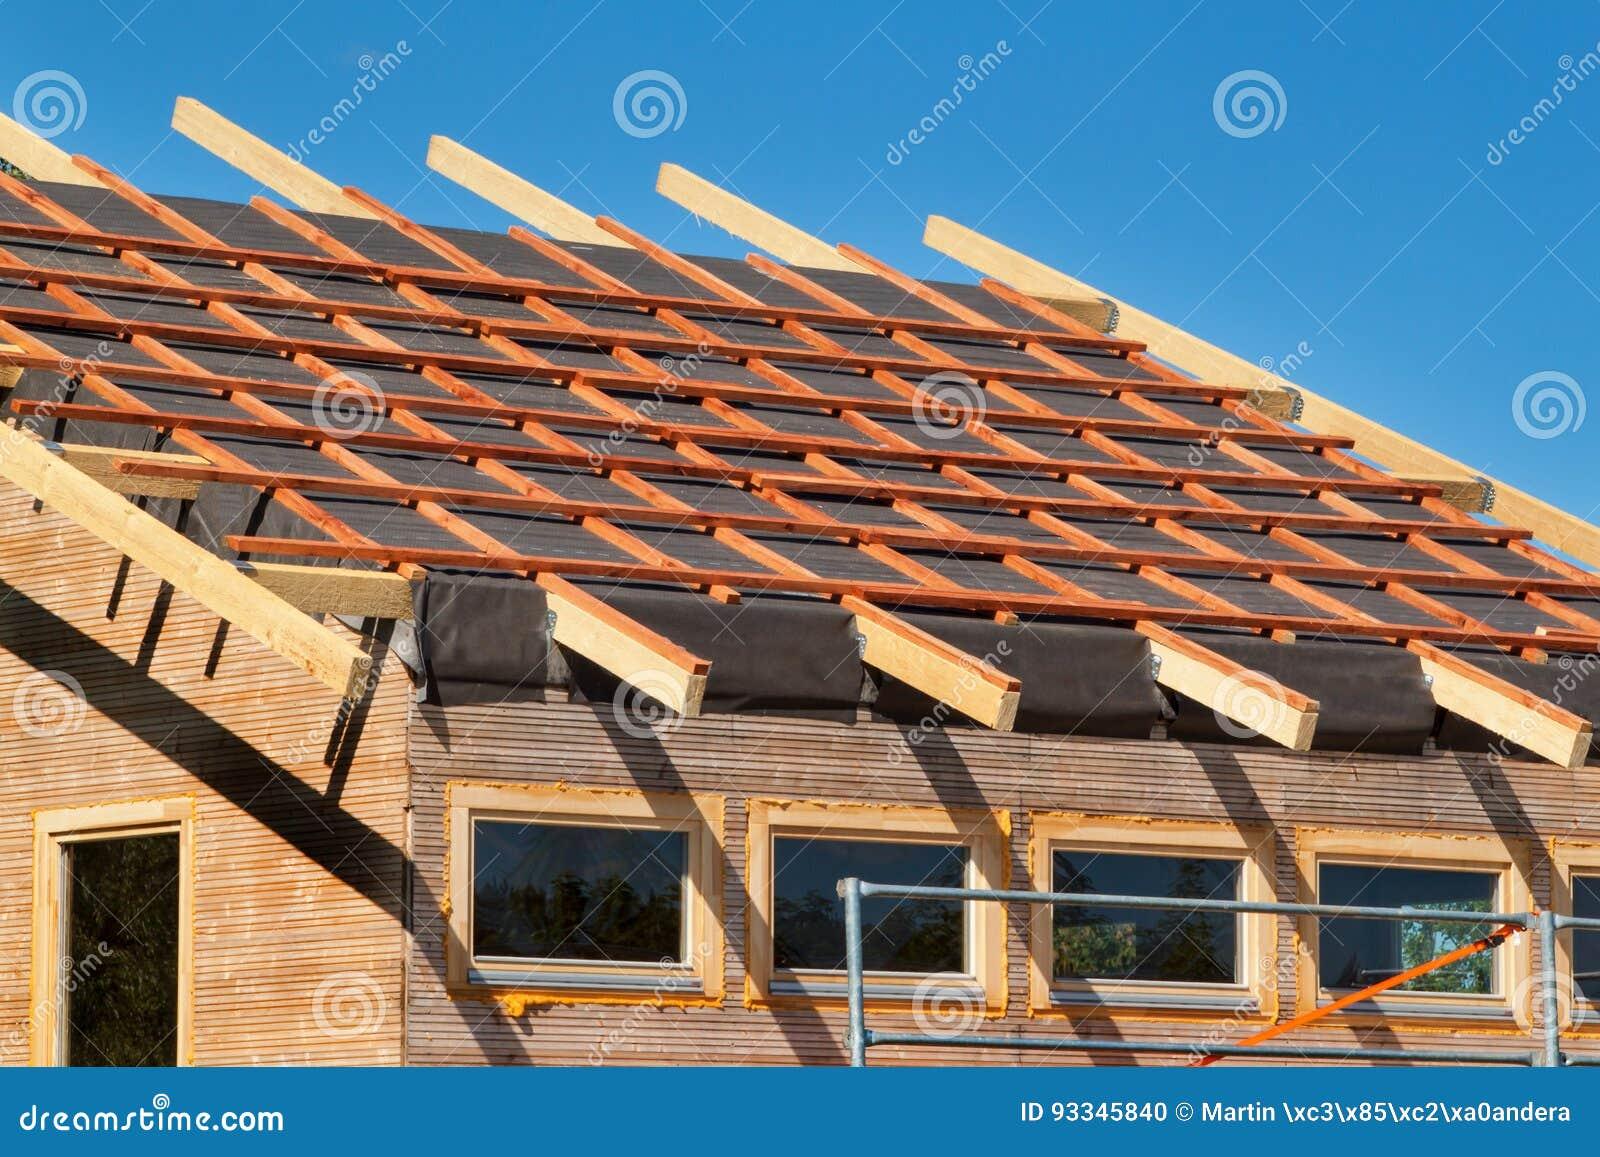 Construcci n de un tejado de madera en una casa ecol gica - Estructuras de madera para tejados ...